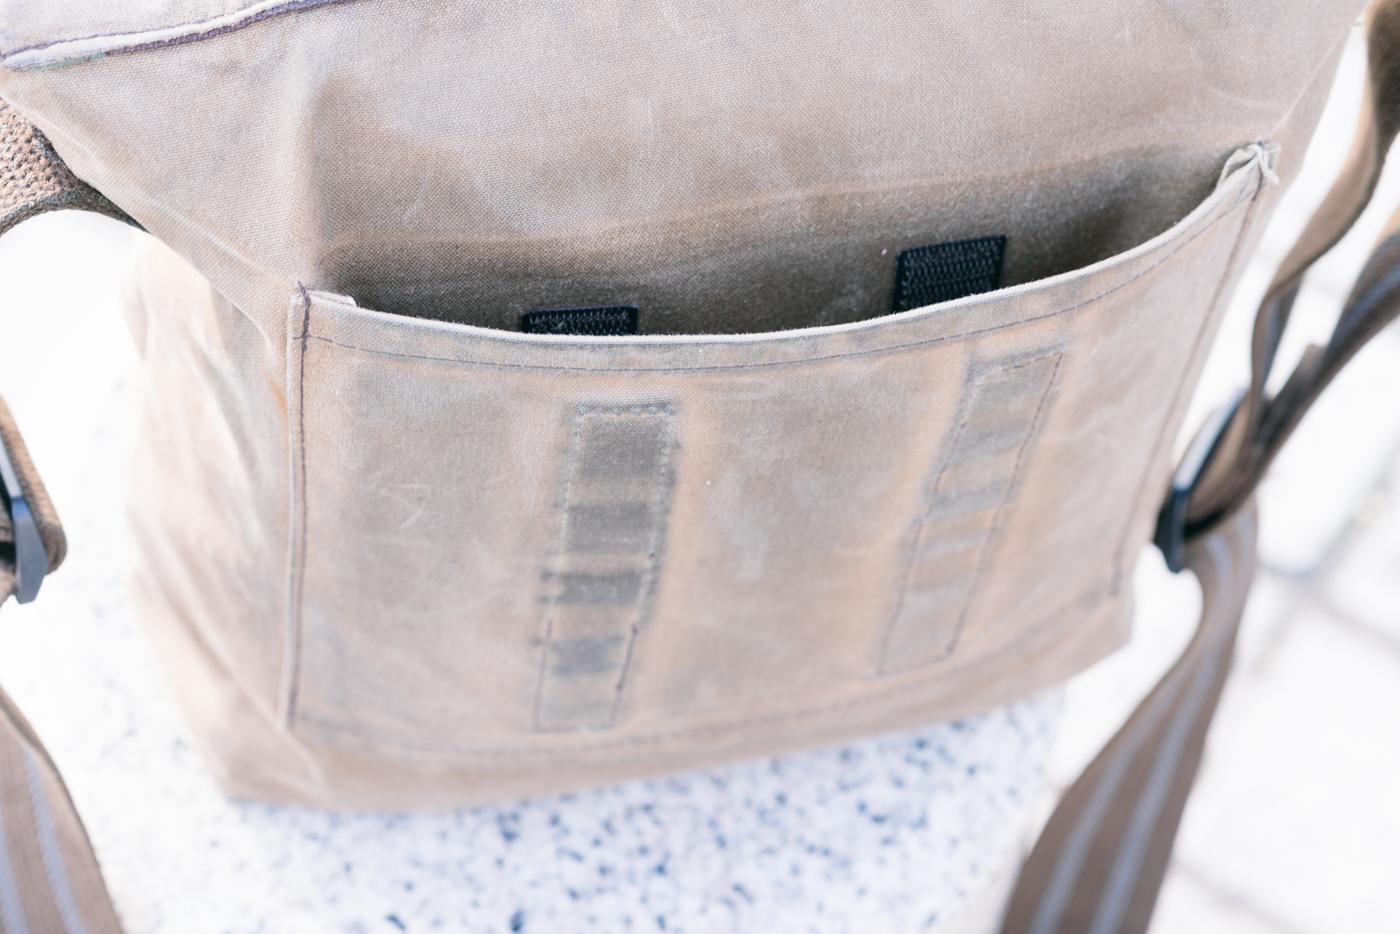 Passant pour fixer le sac à une poignée de valise